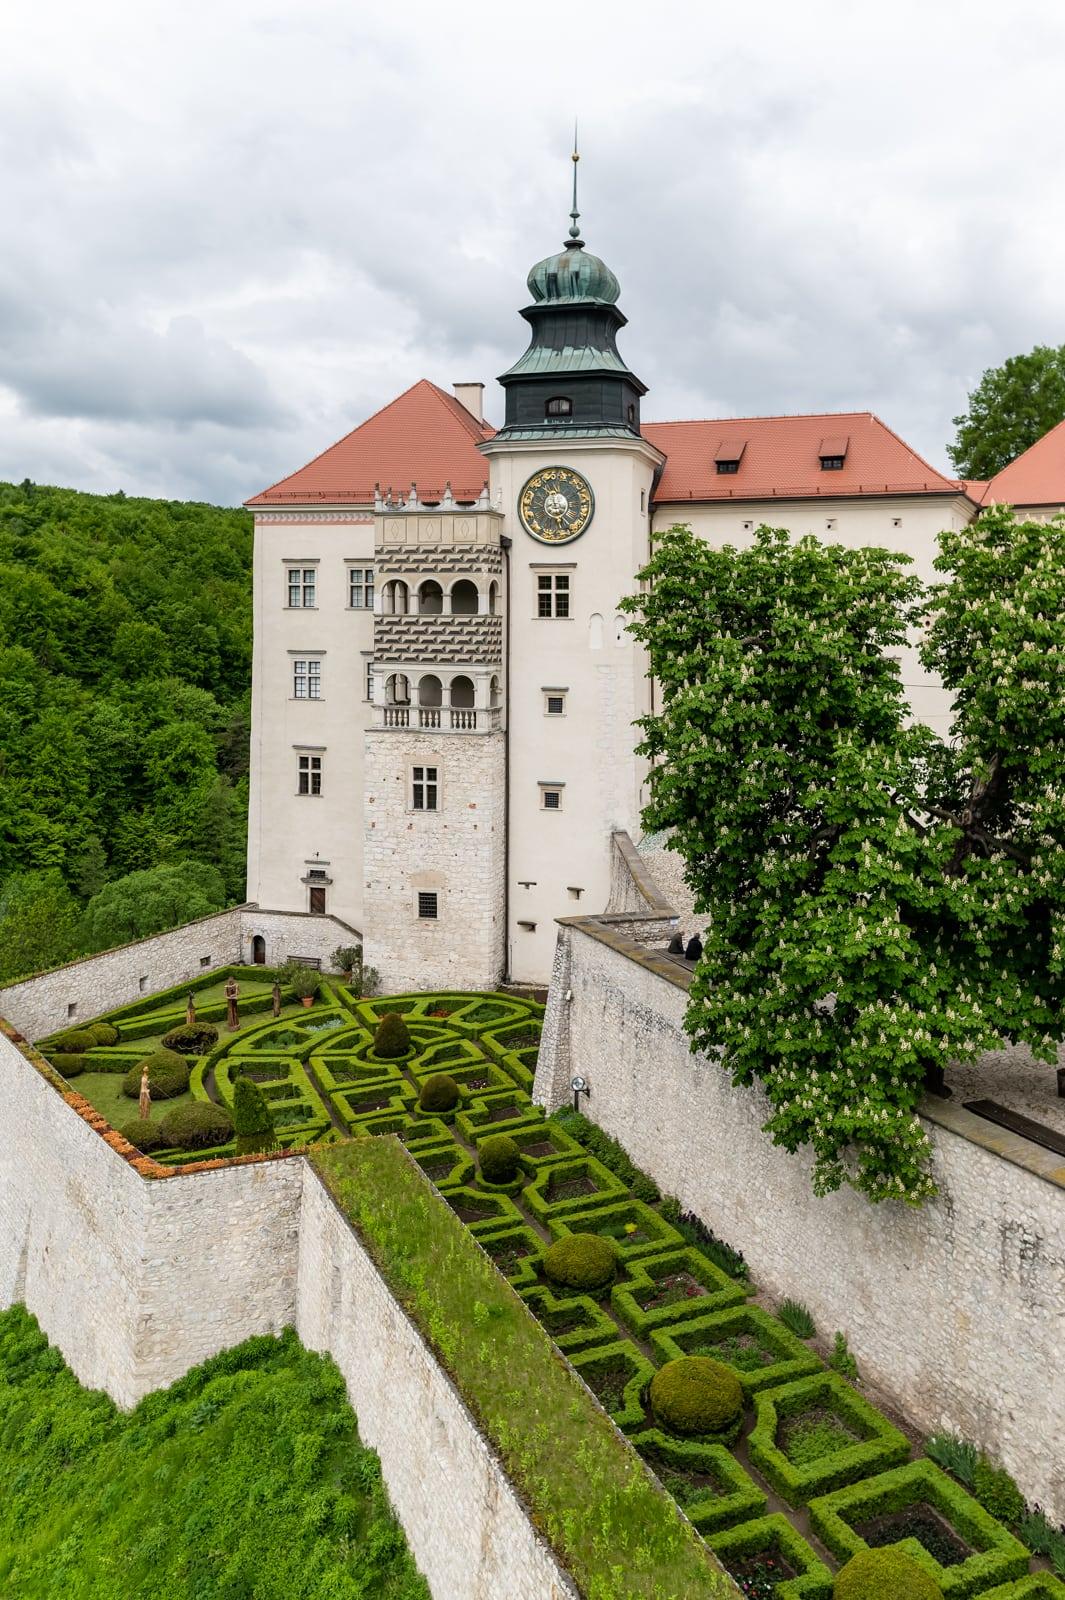 Zamek w Pieskowej Skale, Ojcowski Park Narodowy